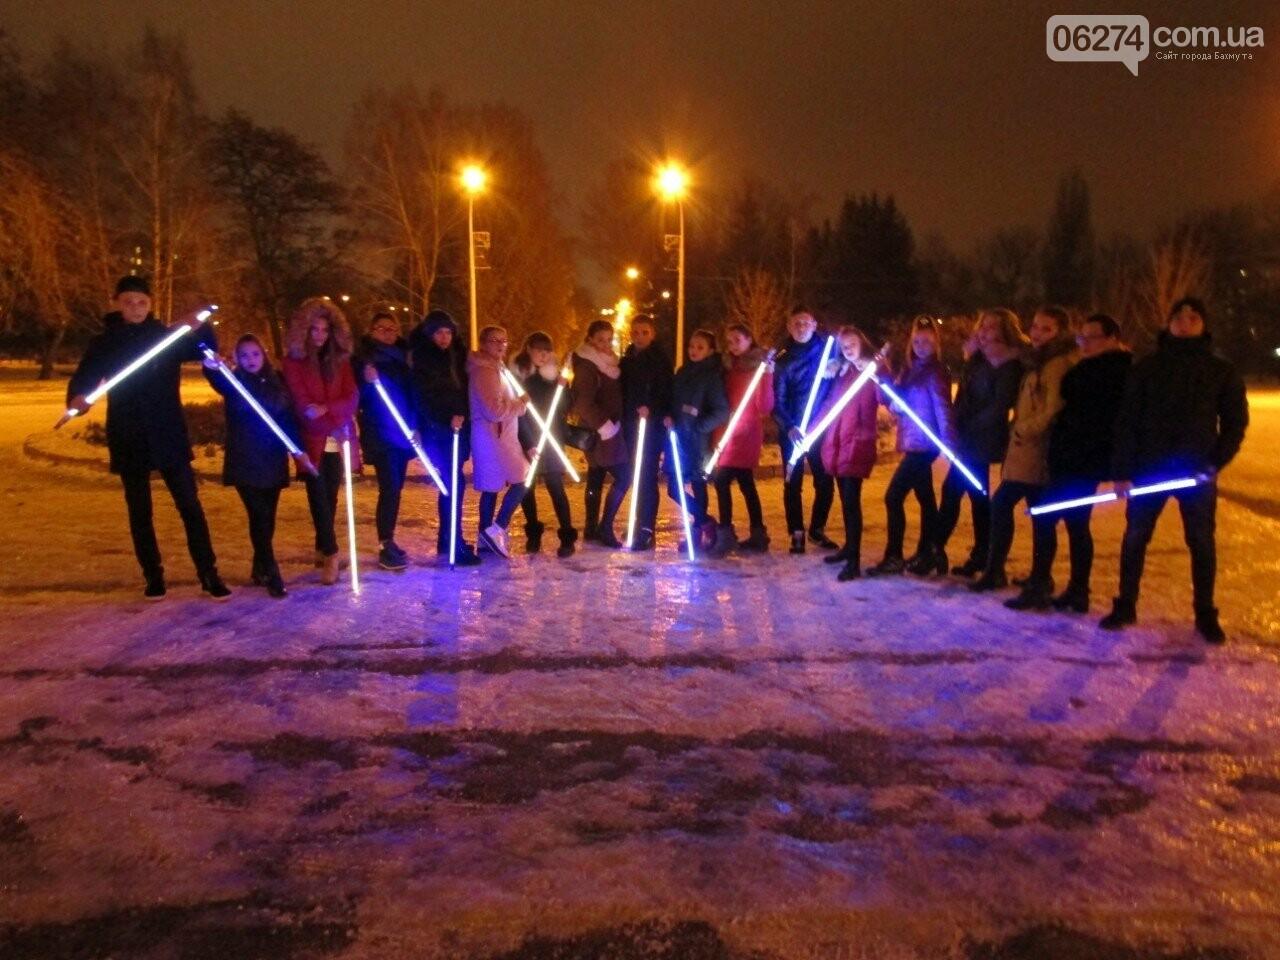 Бахмутские вокалисты стали лучшими на фестивале «Українське намисто», фото-6